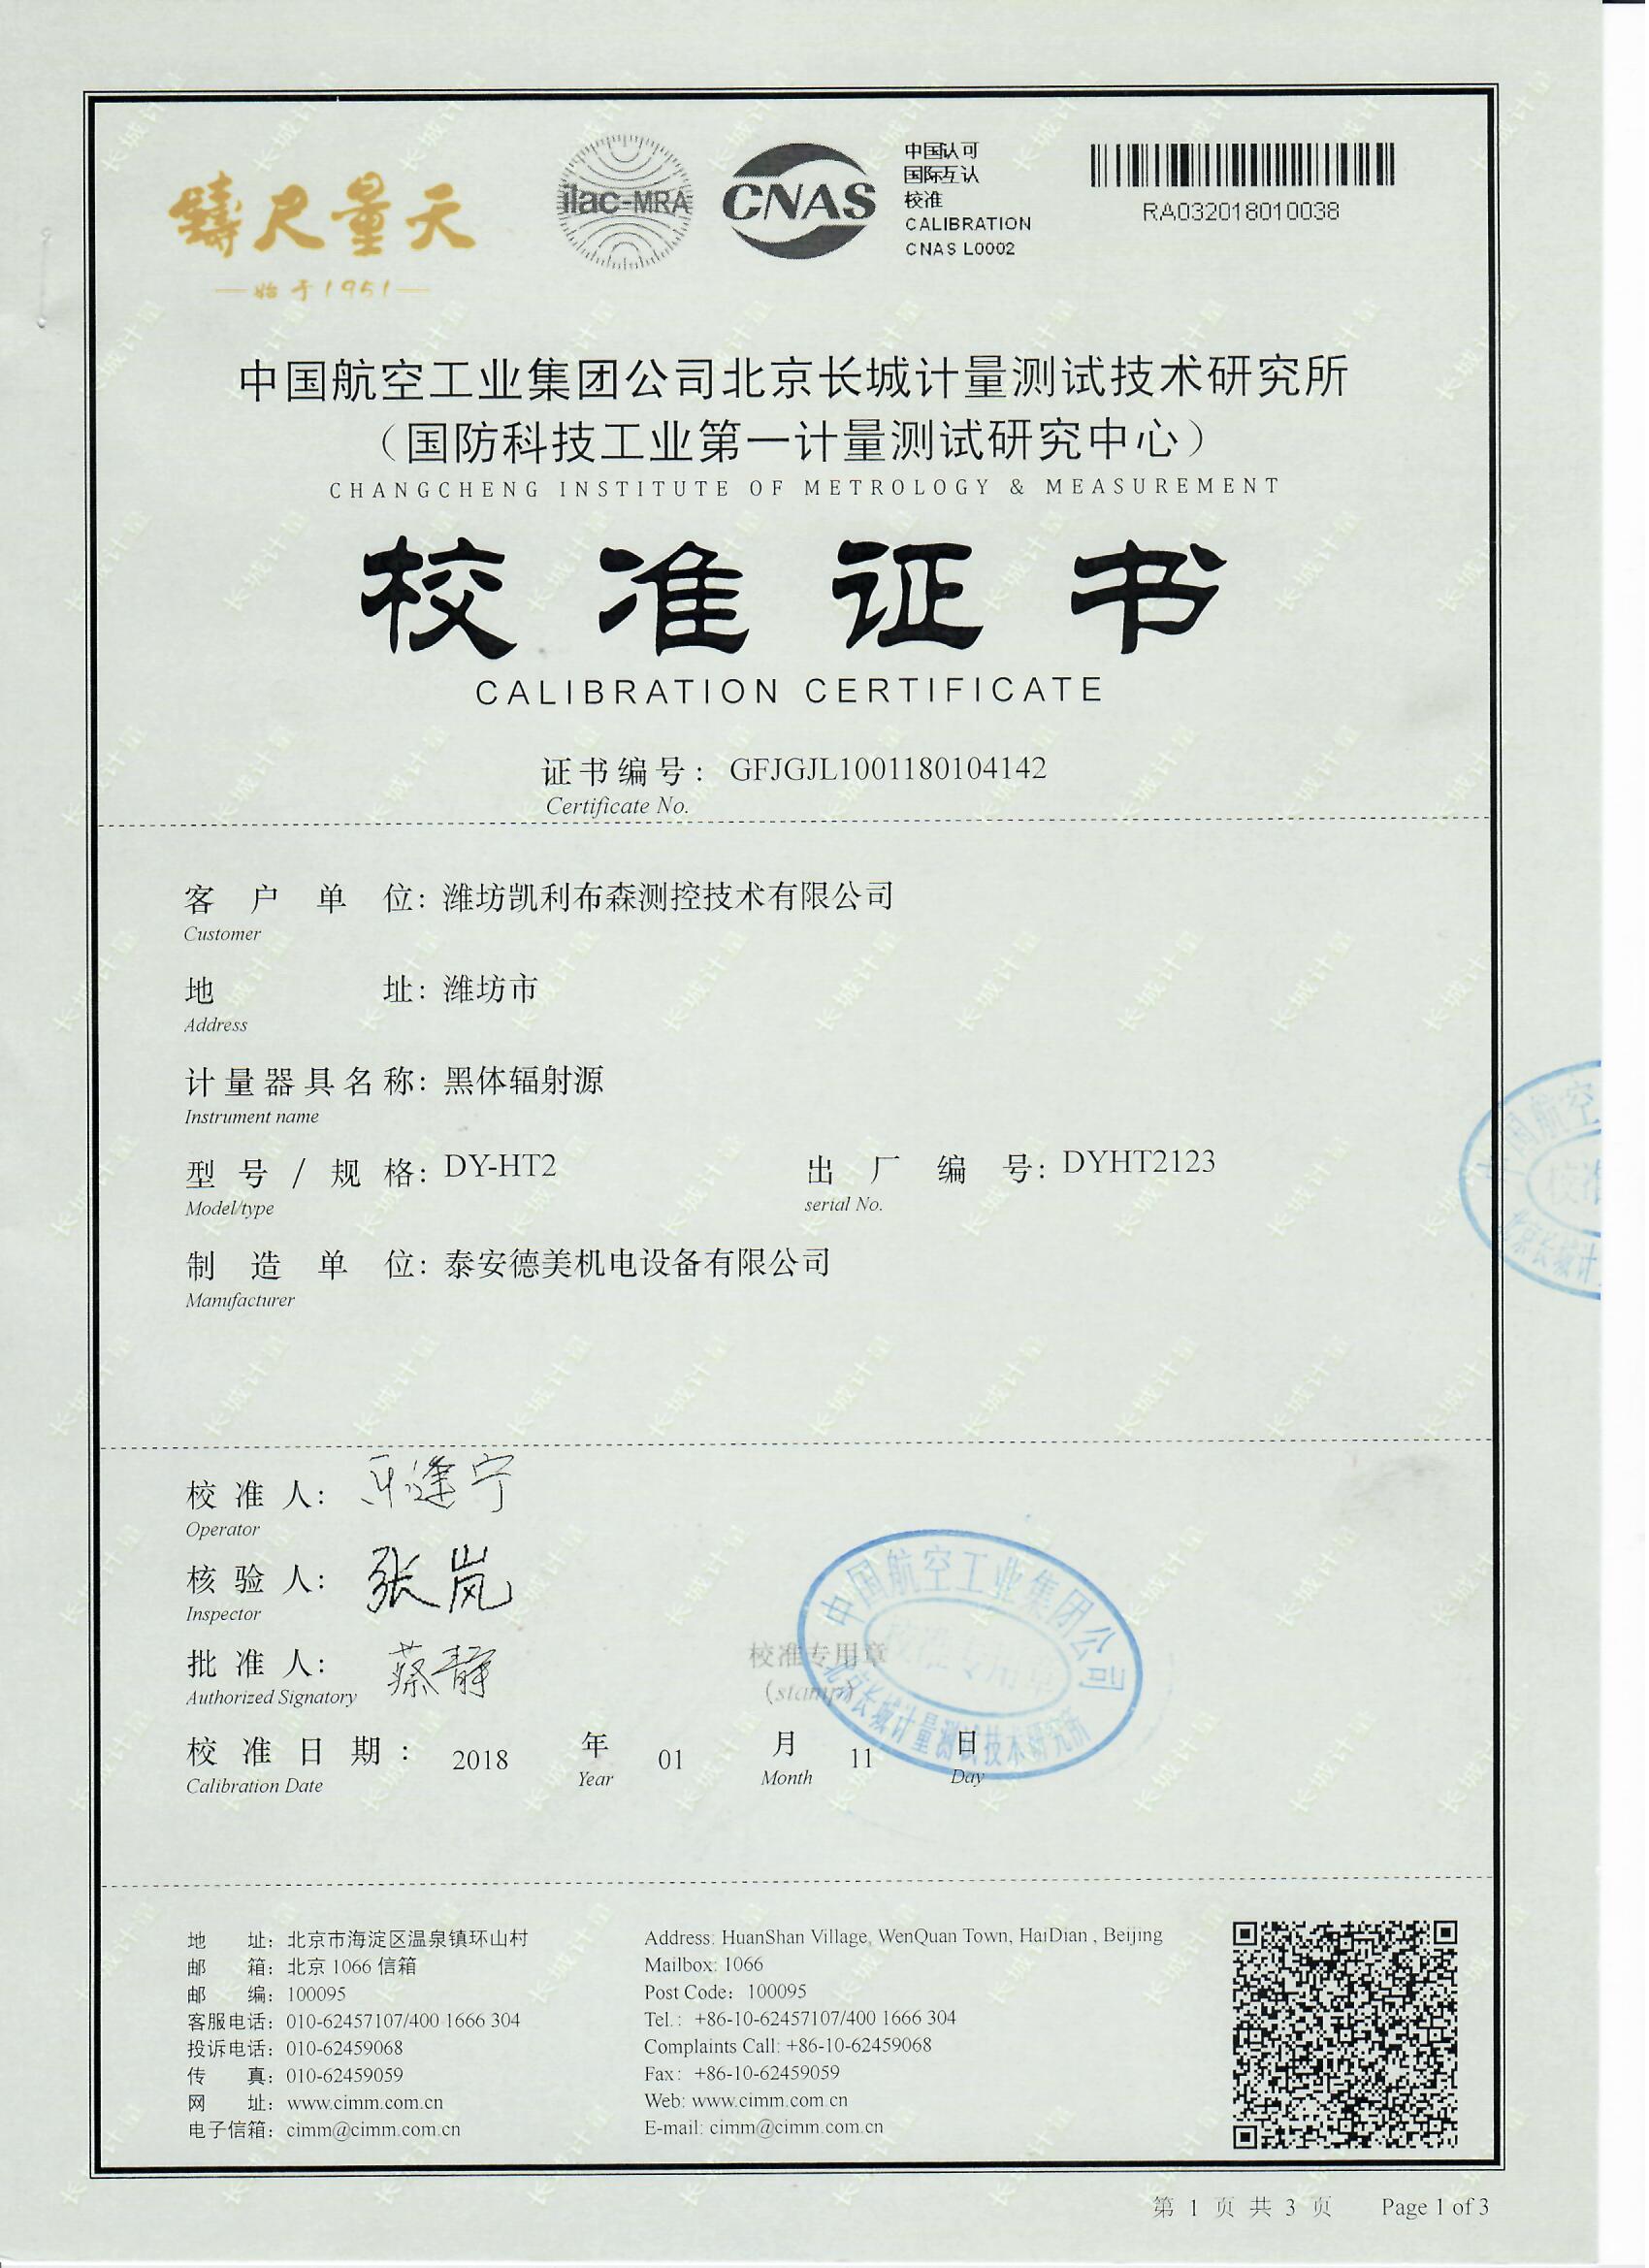 濰坊凱利布森-黑體爐校準證書1.jpg